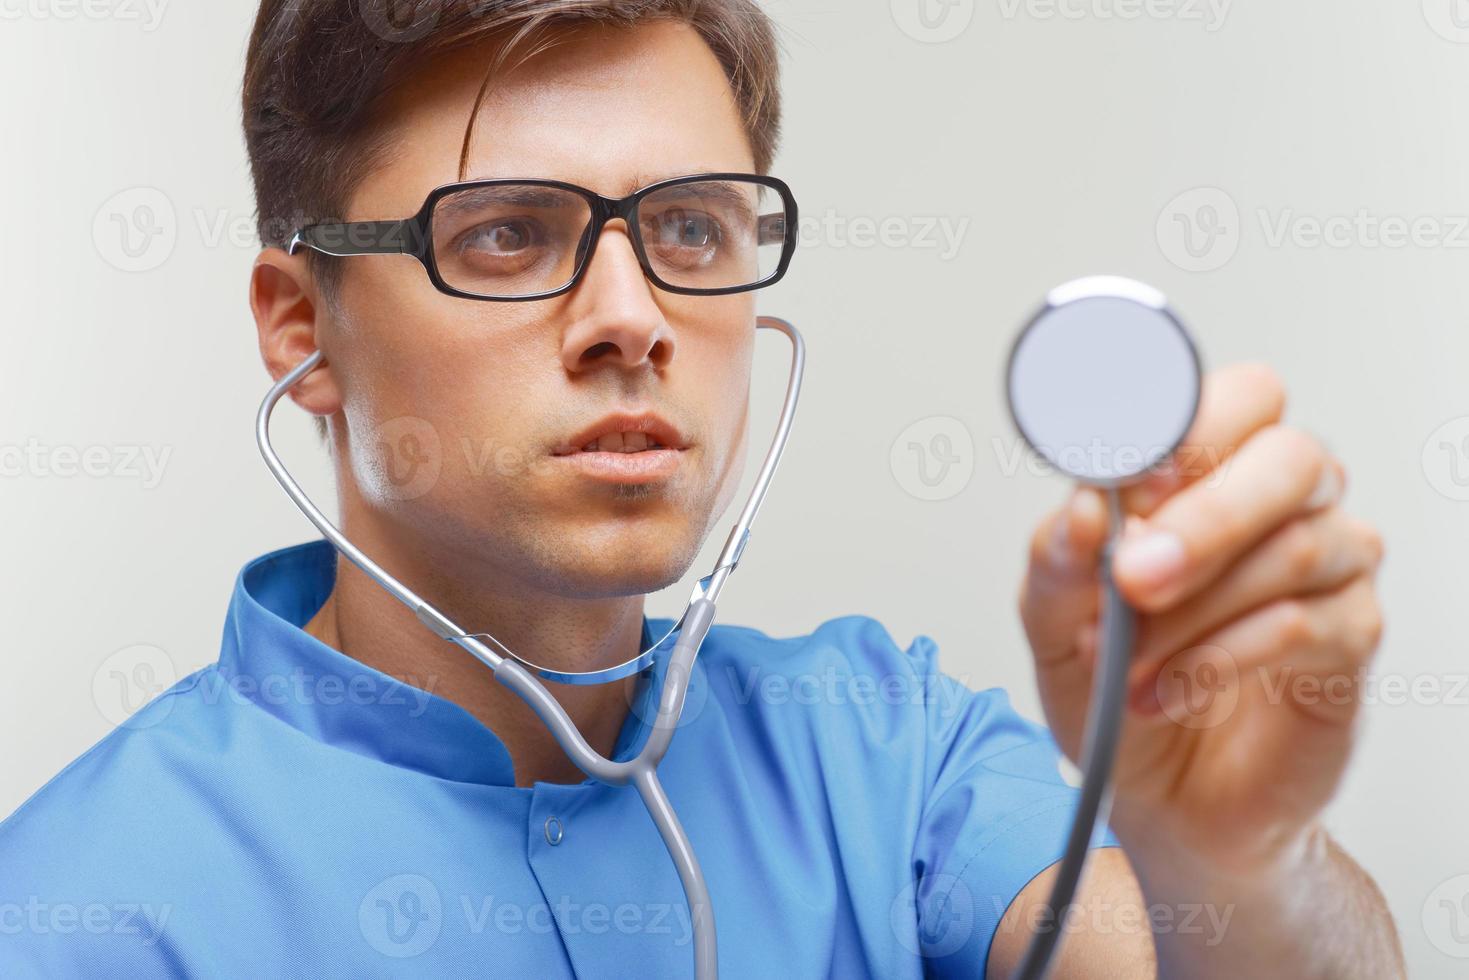 médecin avec un stéthoscope dans les mains photo